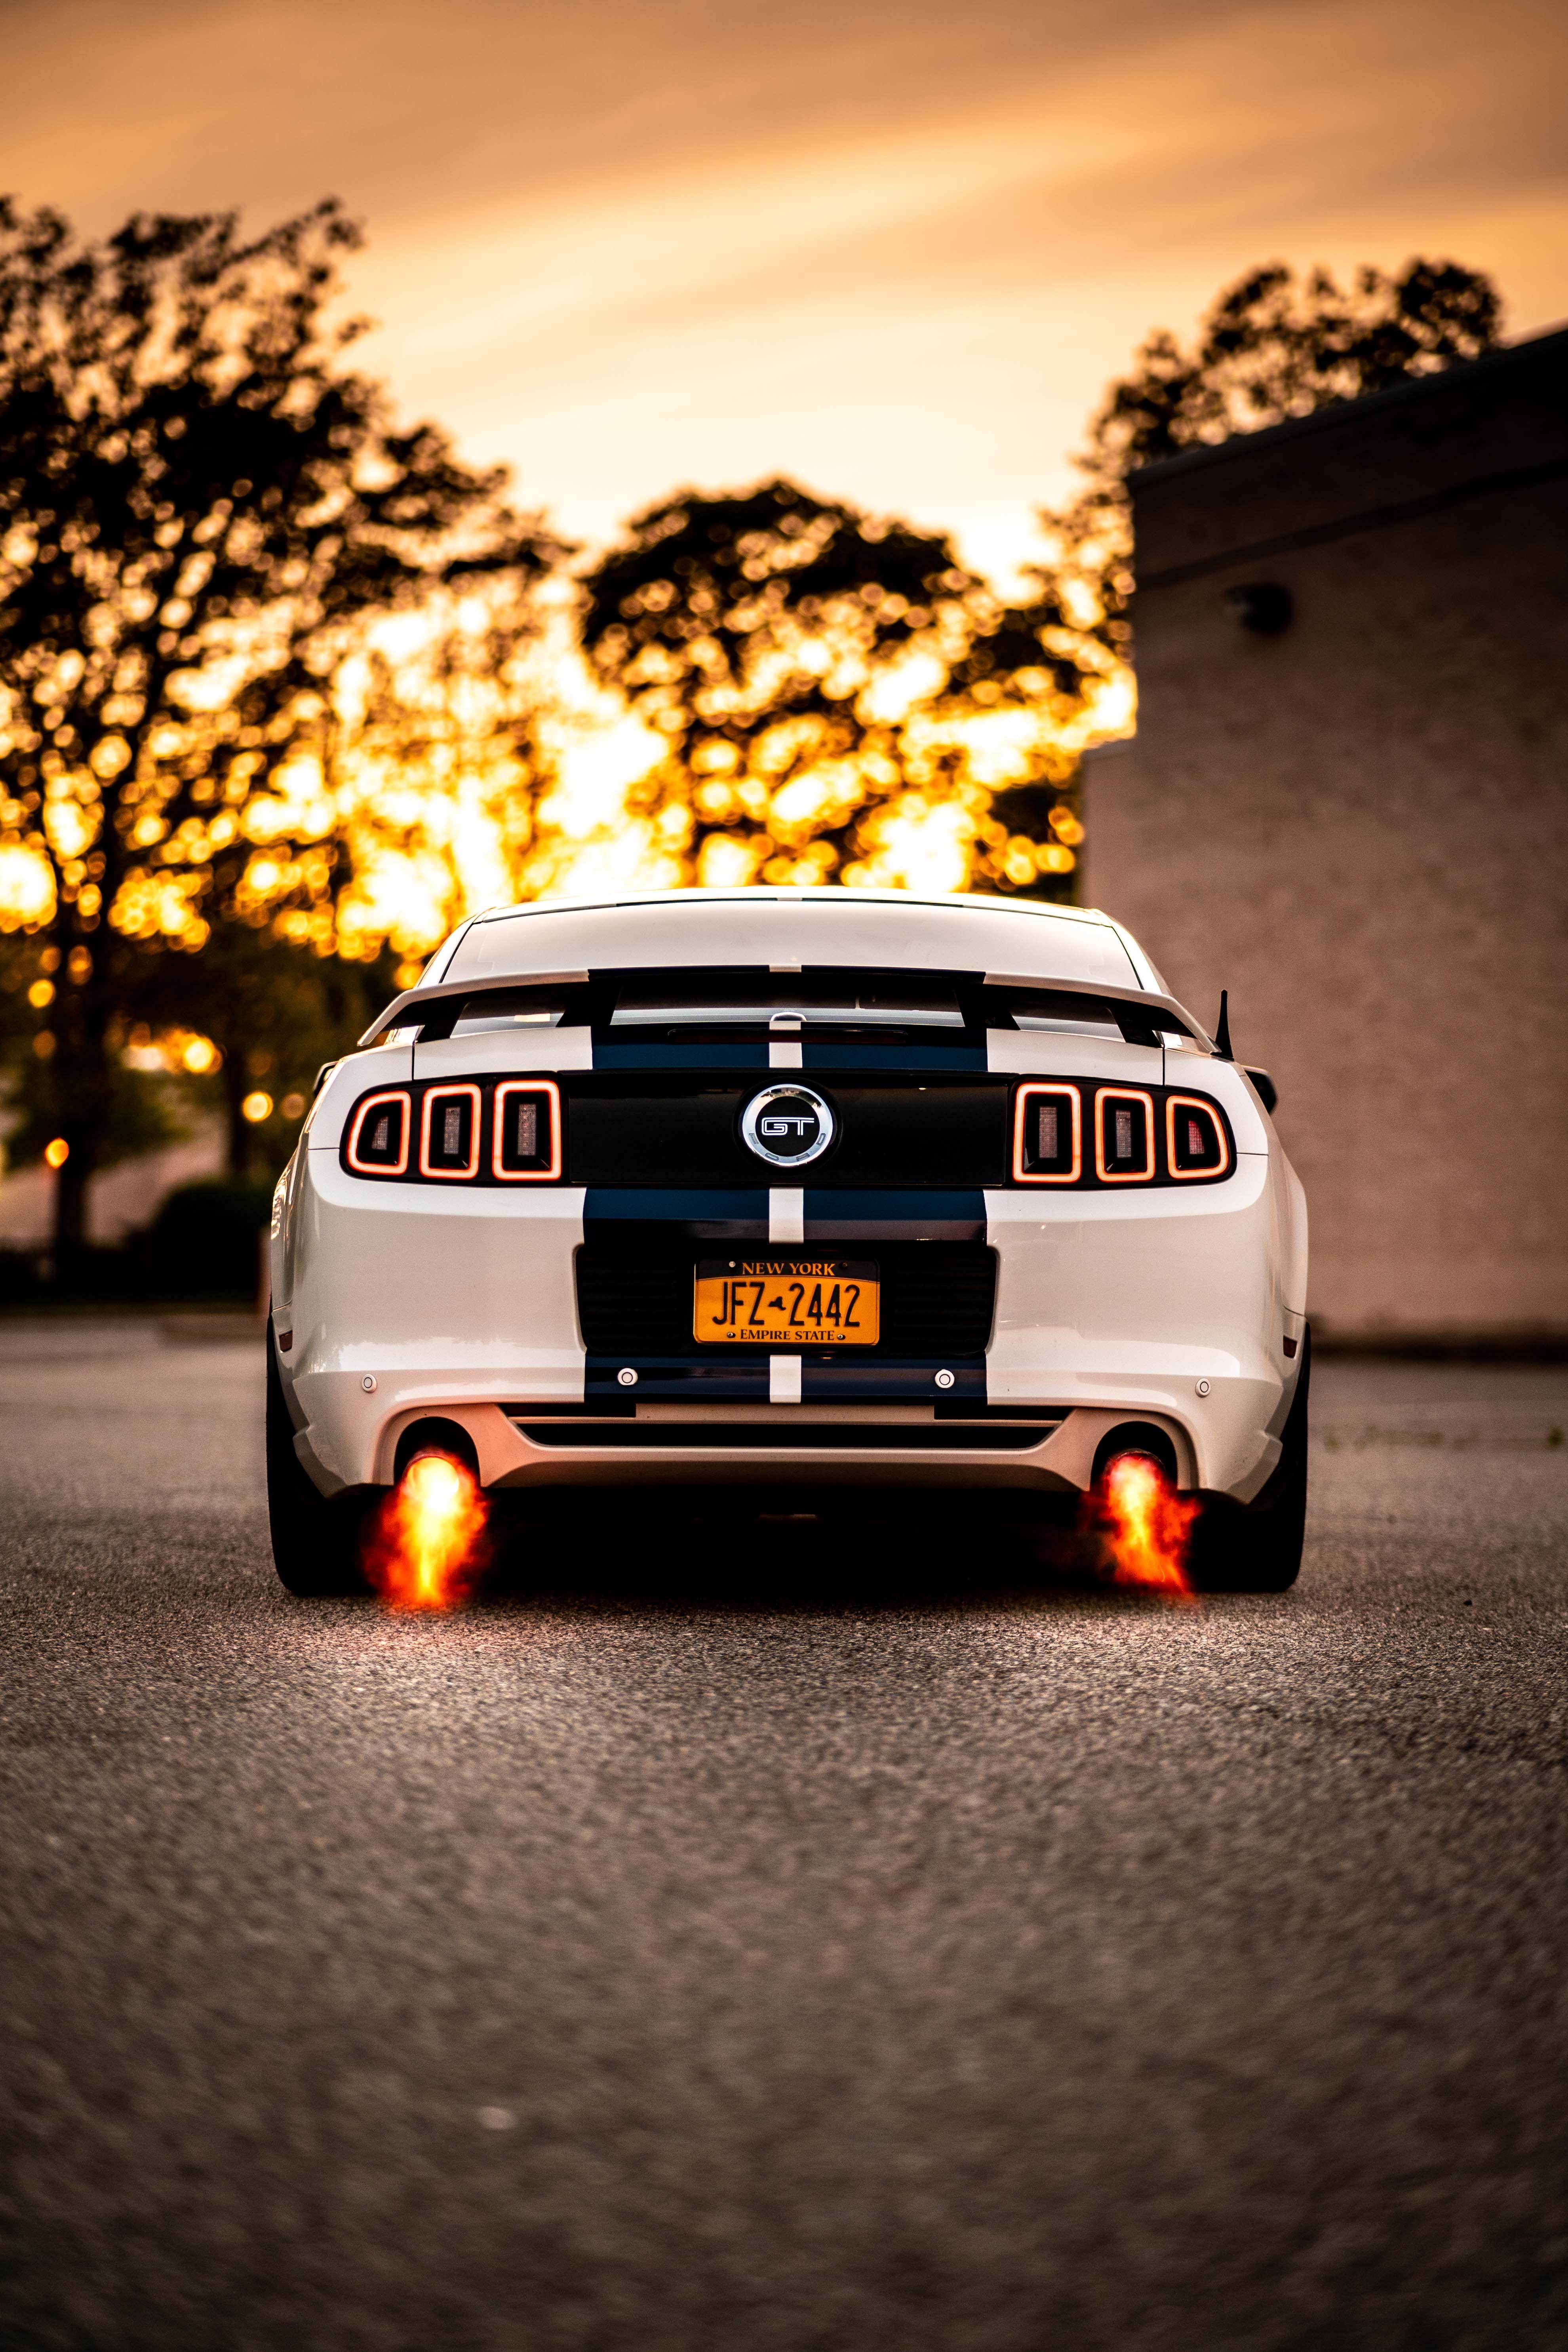 128106 Hintergrundbild herunterladen Auto, Sport, Feuer, Cars, Macht, Maschine, Sportwagen, Rückansicht, Leistung - Bildschirmschoner und Bilder kostenlos